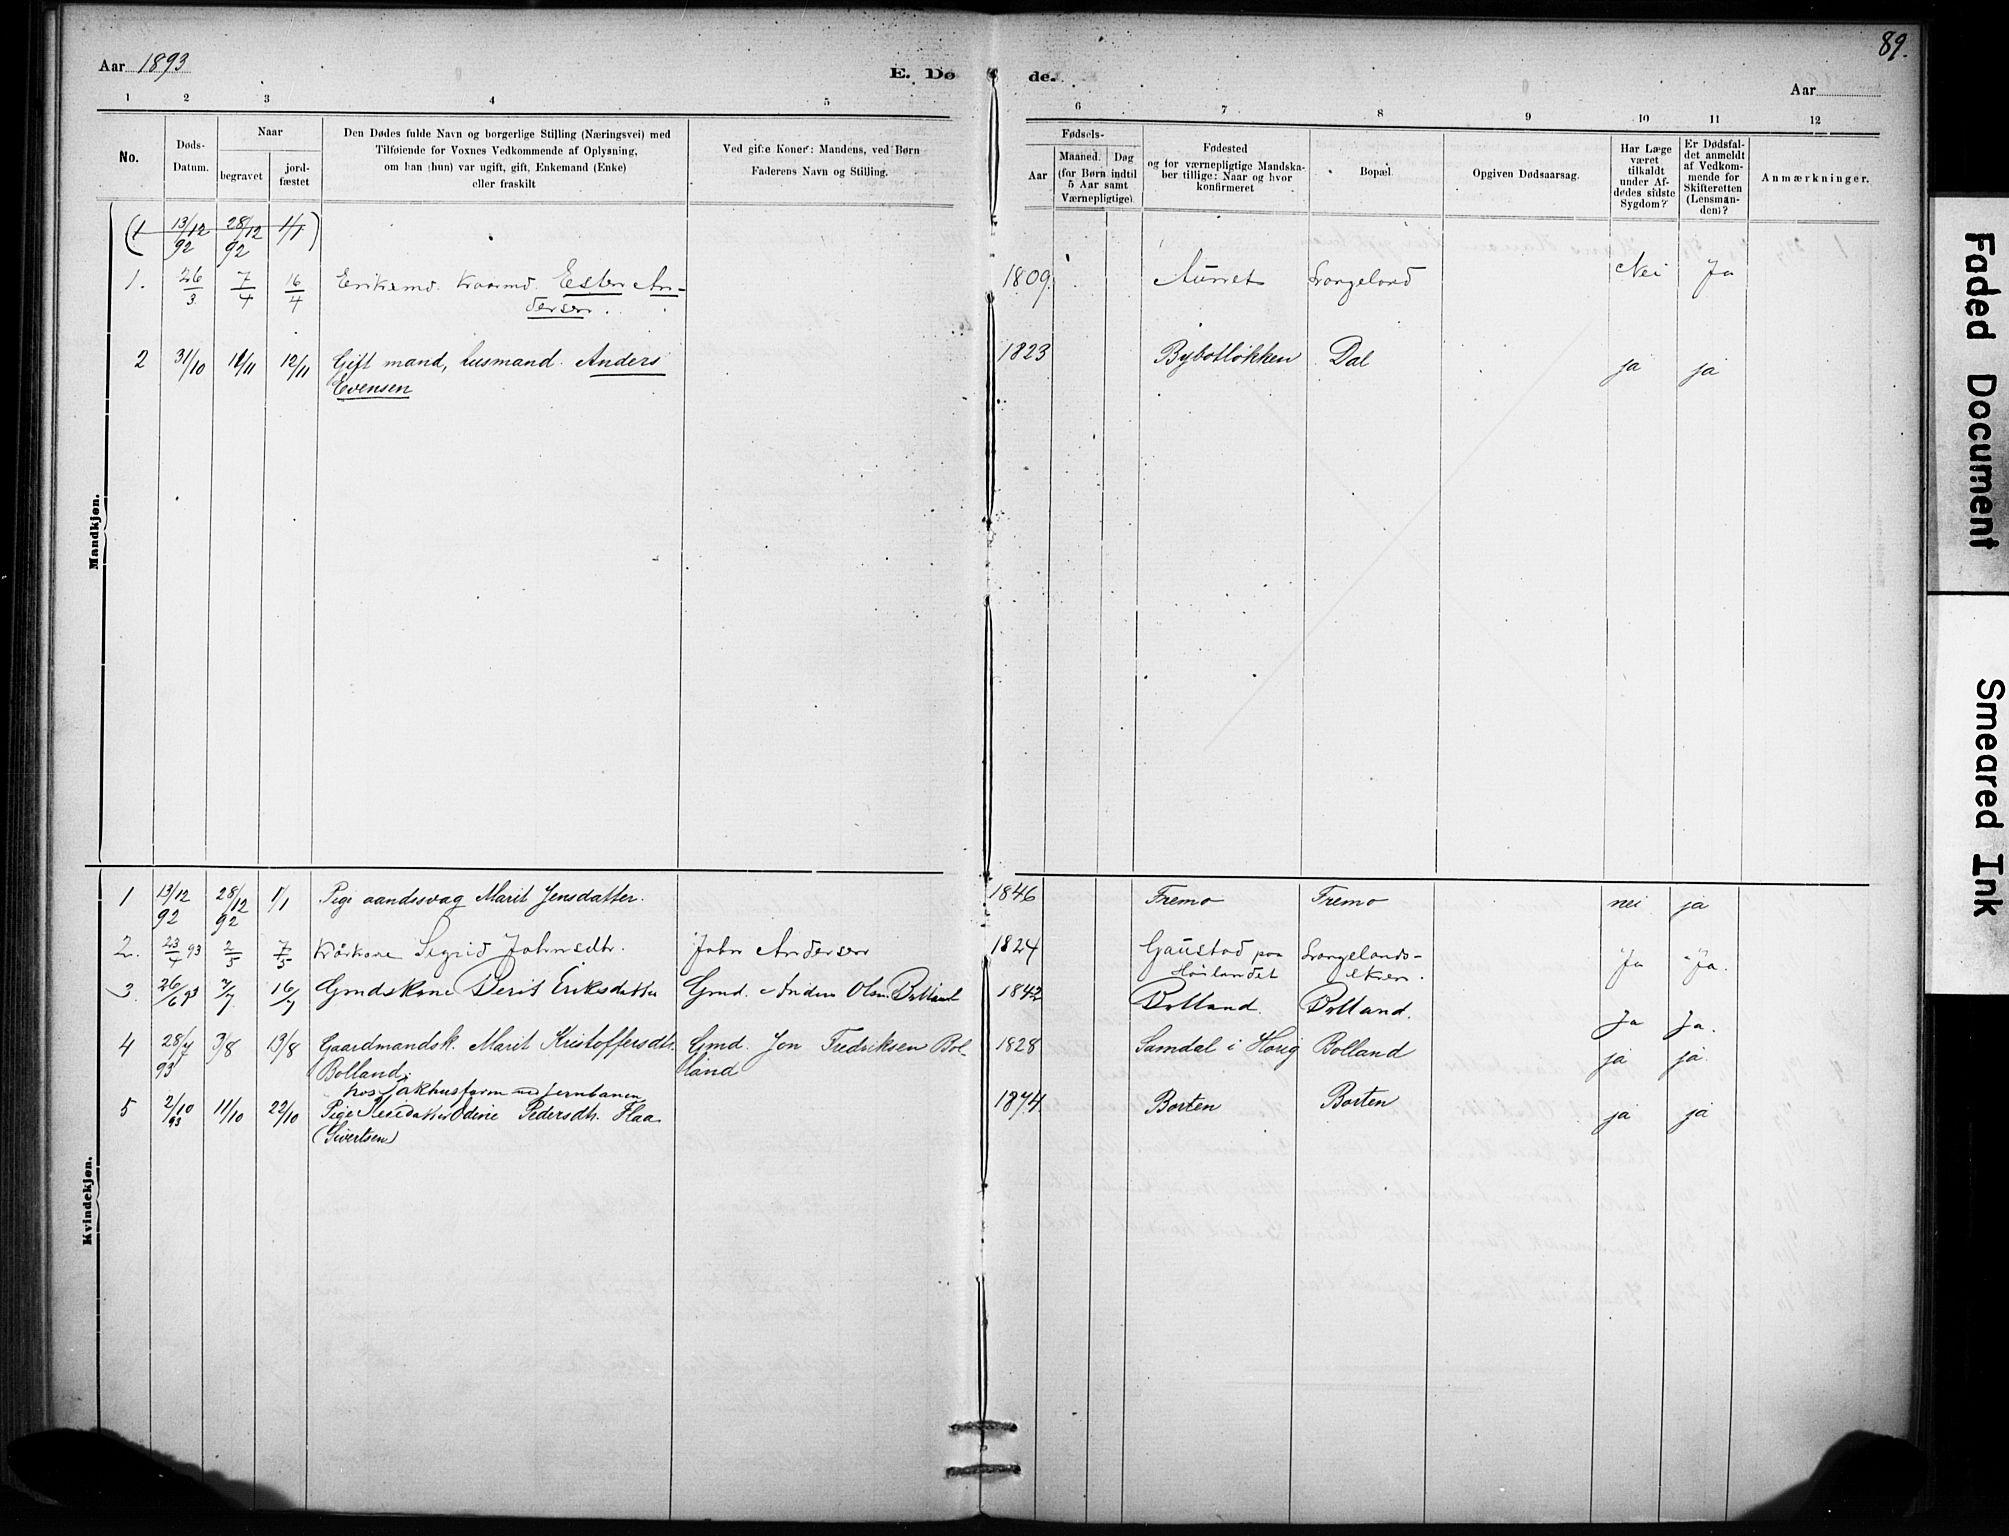 SAT, Ministerialprotokoller, klokkerbøker og fødselsregistre - Sør-Trøndelag, 693/L1119: Ministerialbok nr. 693A01, 1887-1905, s. 89